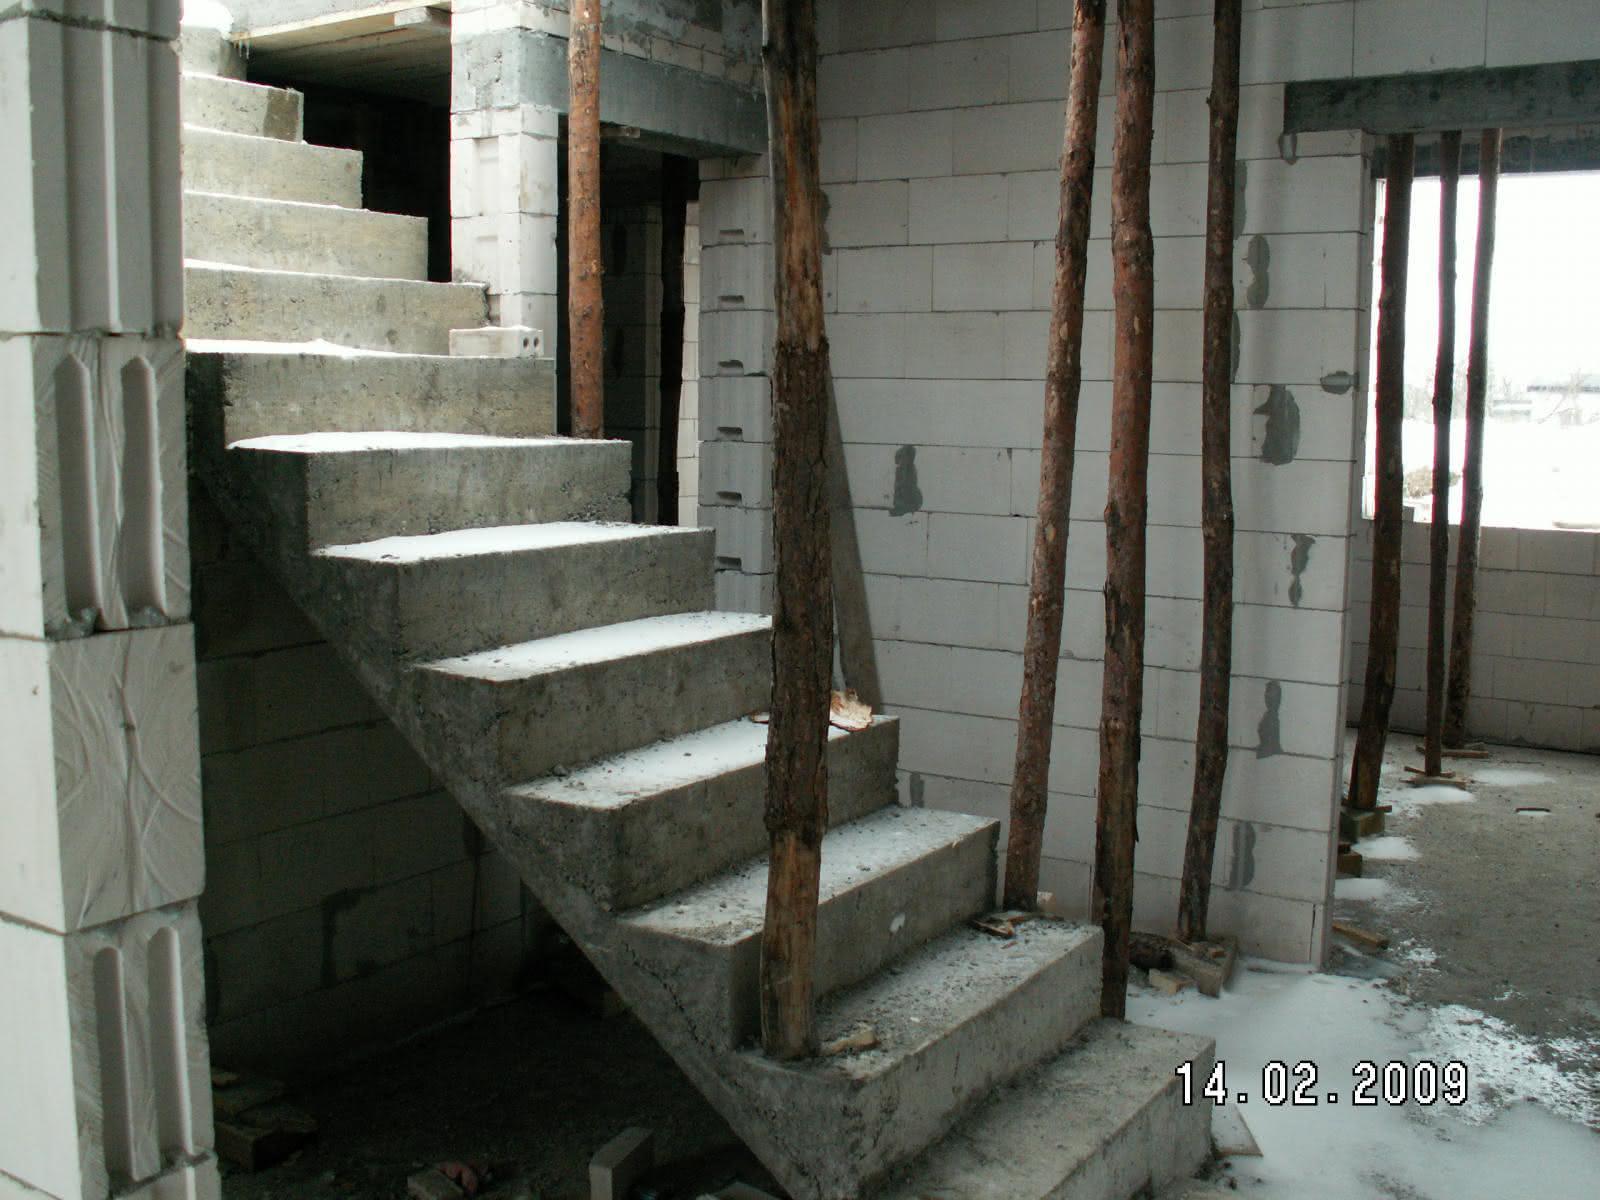 schody po wylaniu (widok z wiatrołapu)